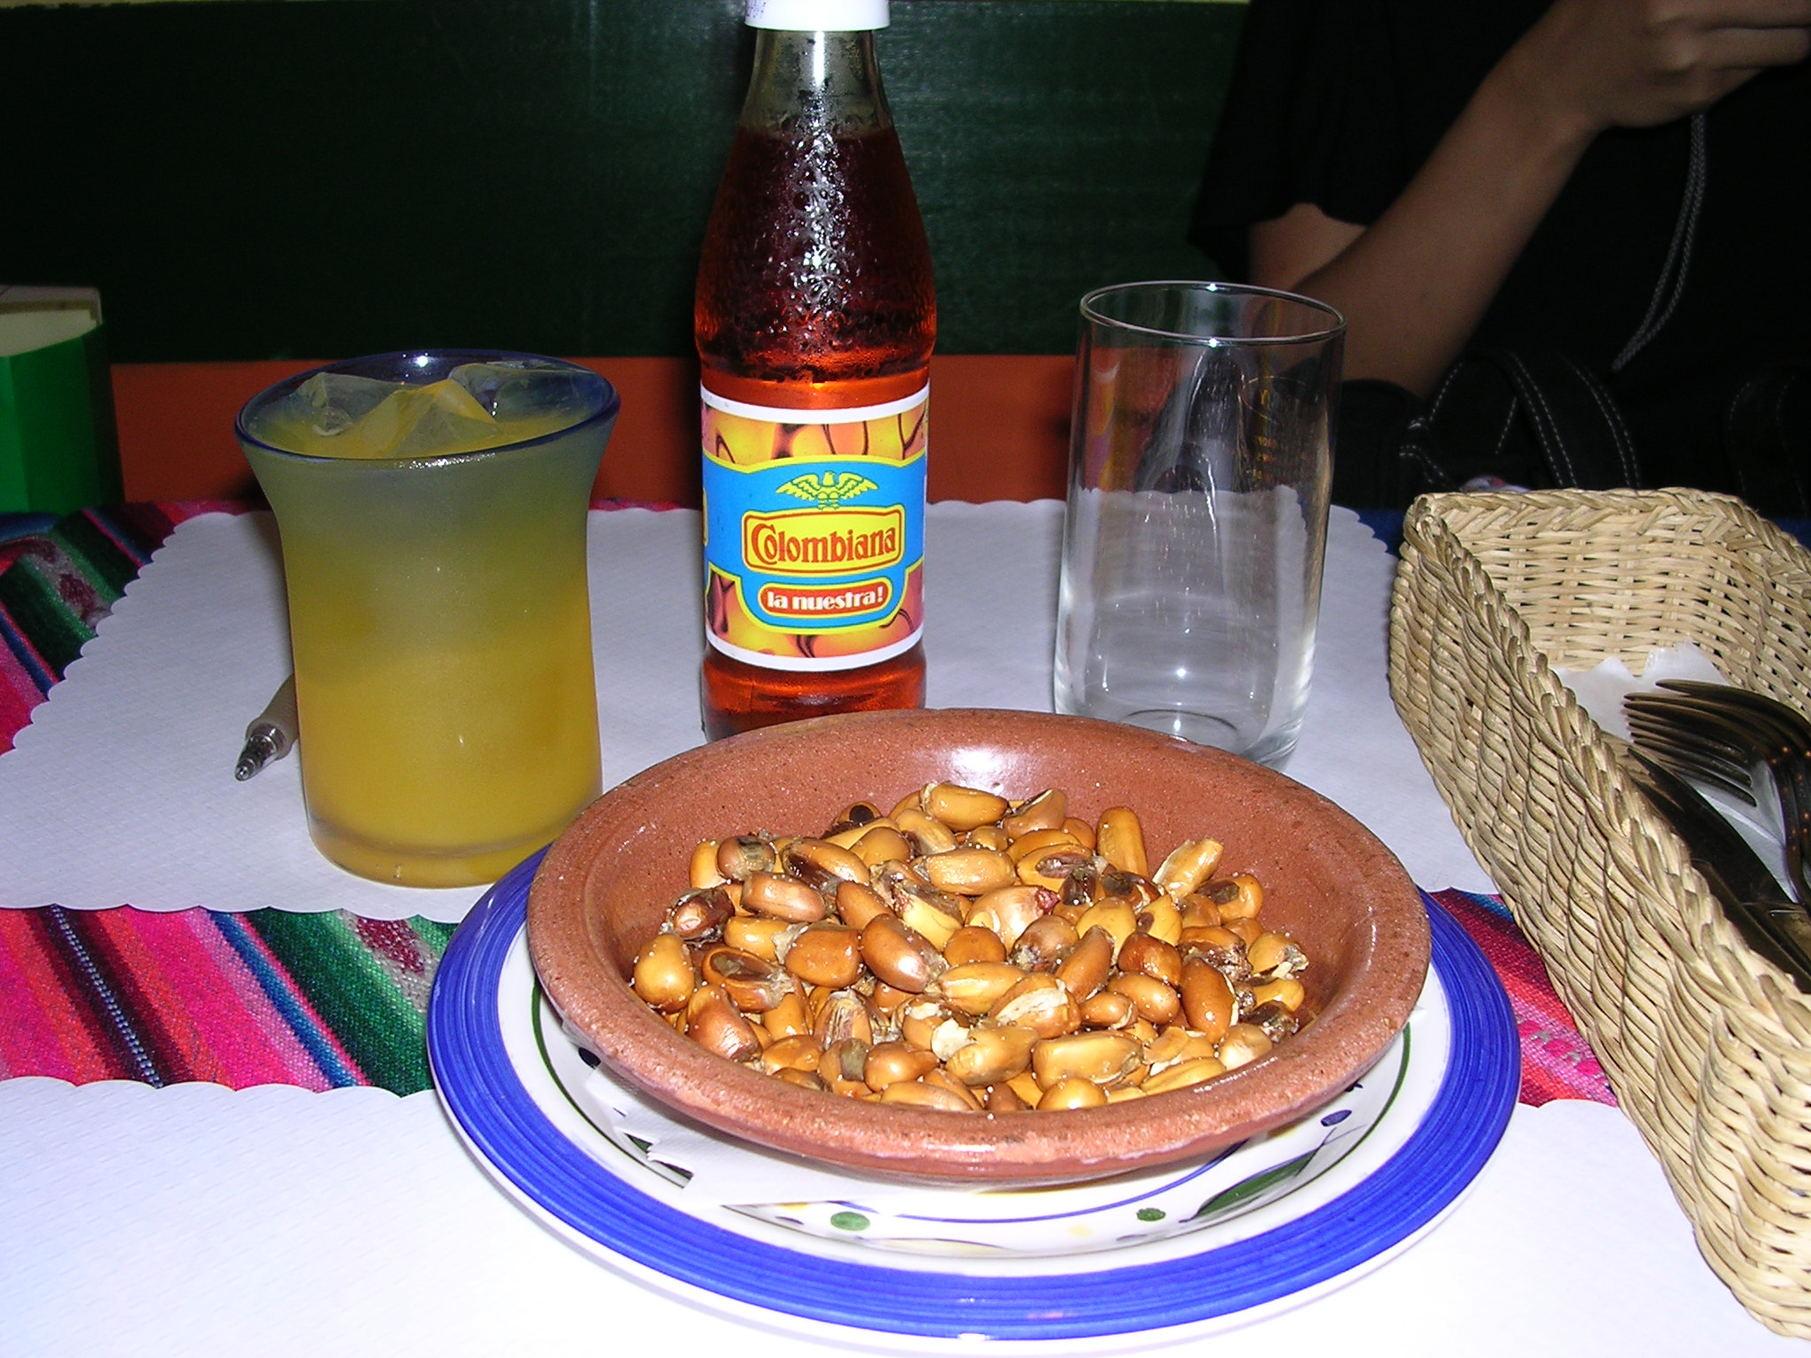 ペルー料理 ロミーナ